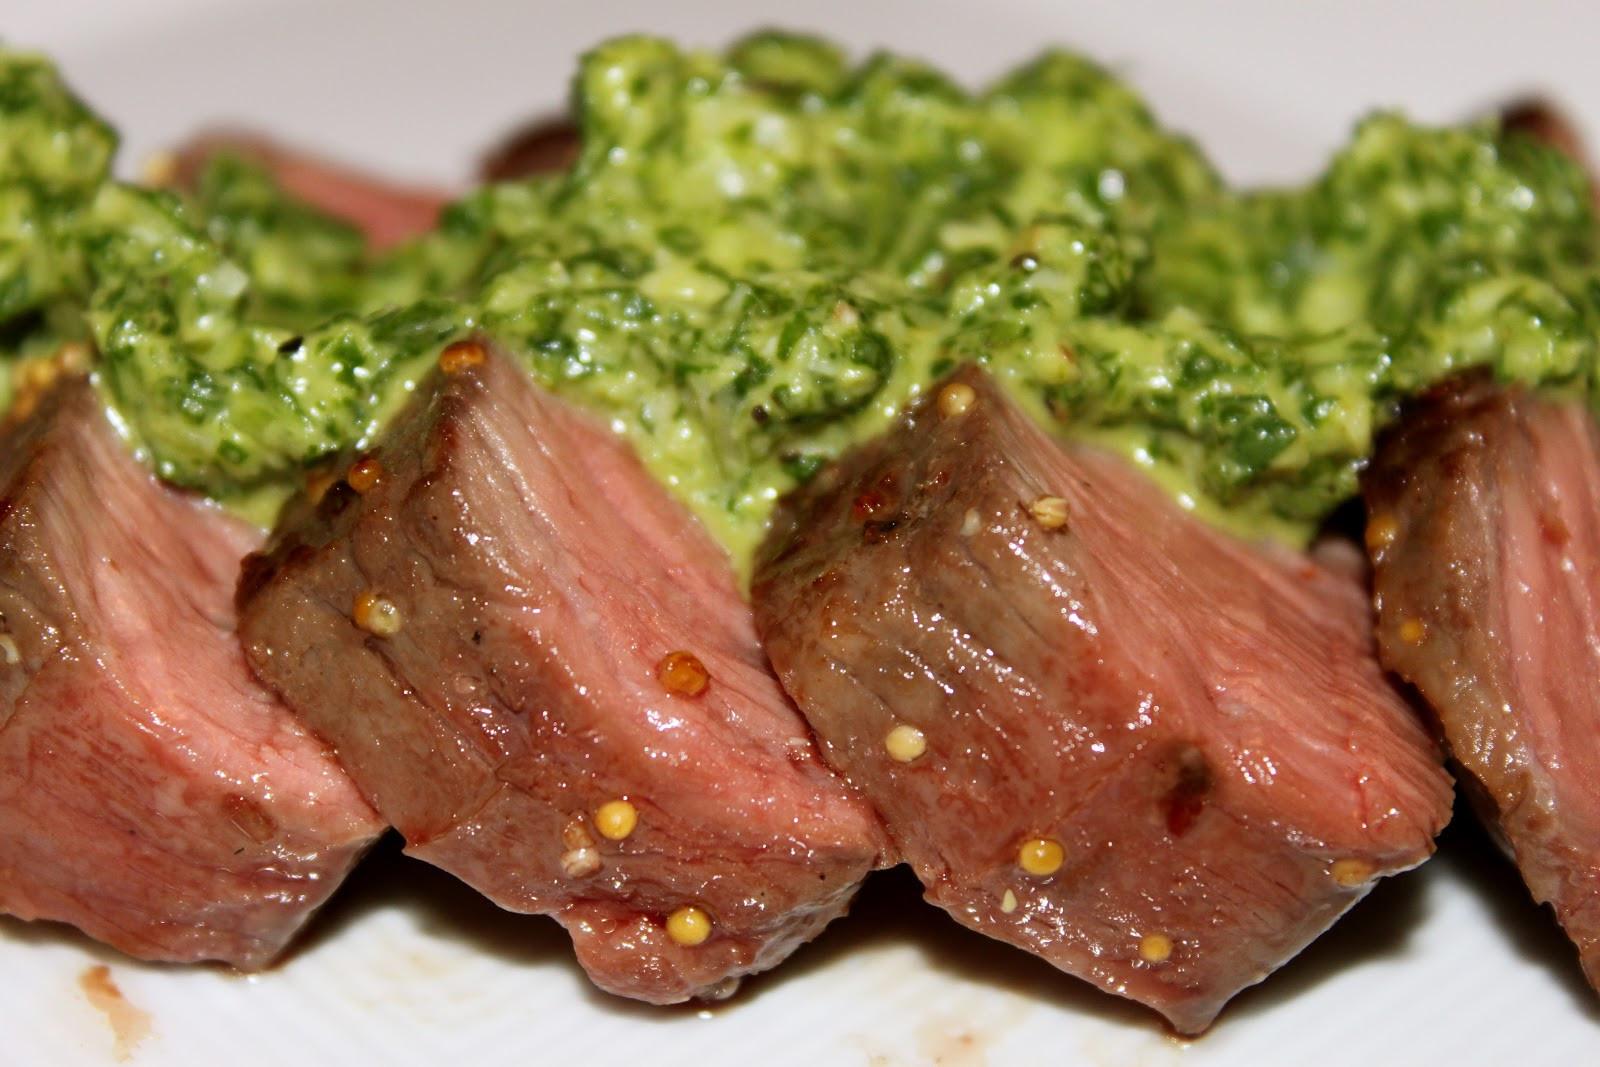 Sauce For Beef Tenderloin  Domestic Divas Blog Sous Vide Beef Tenderloin with